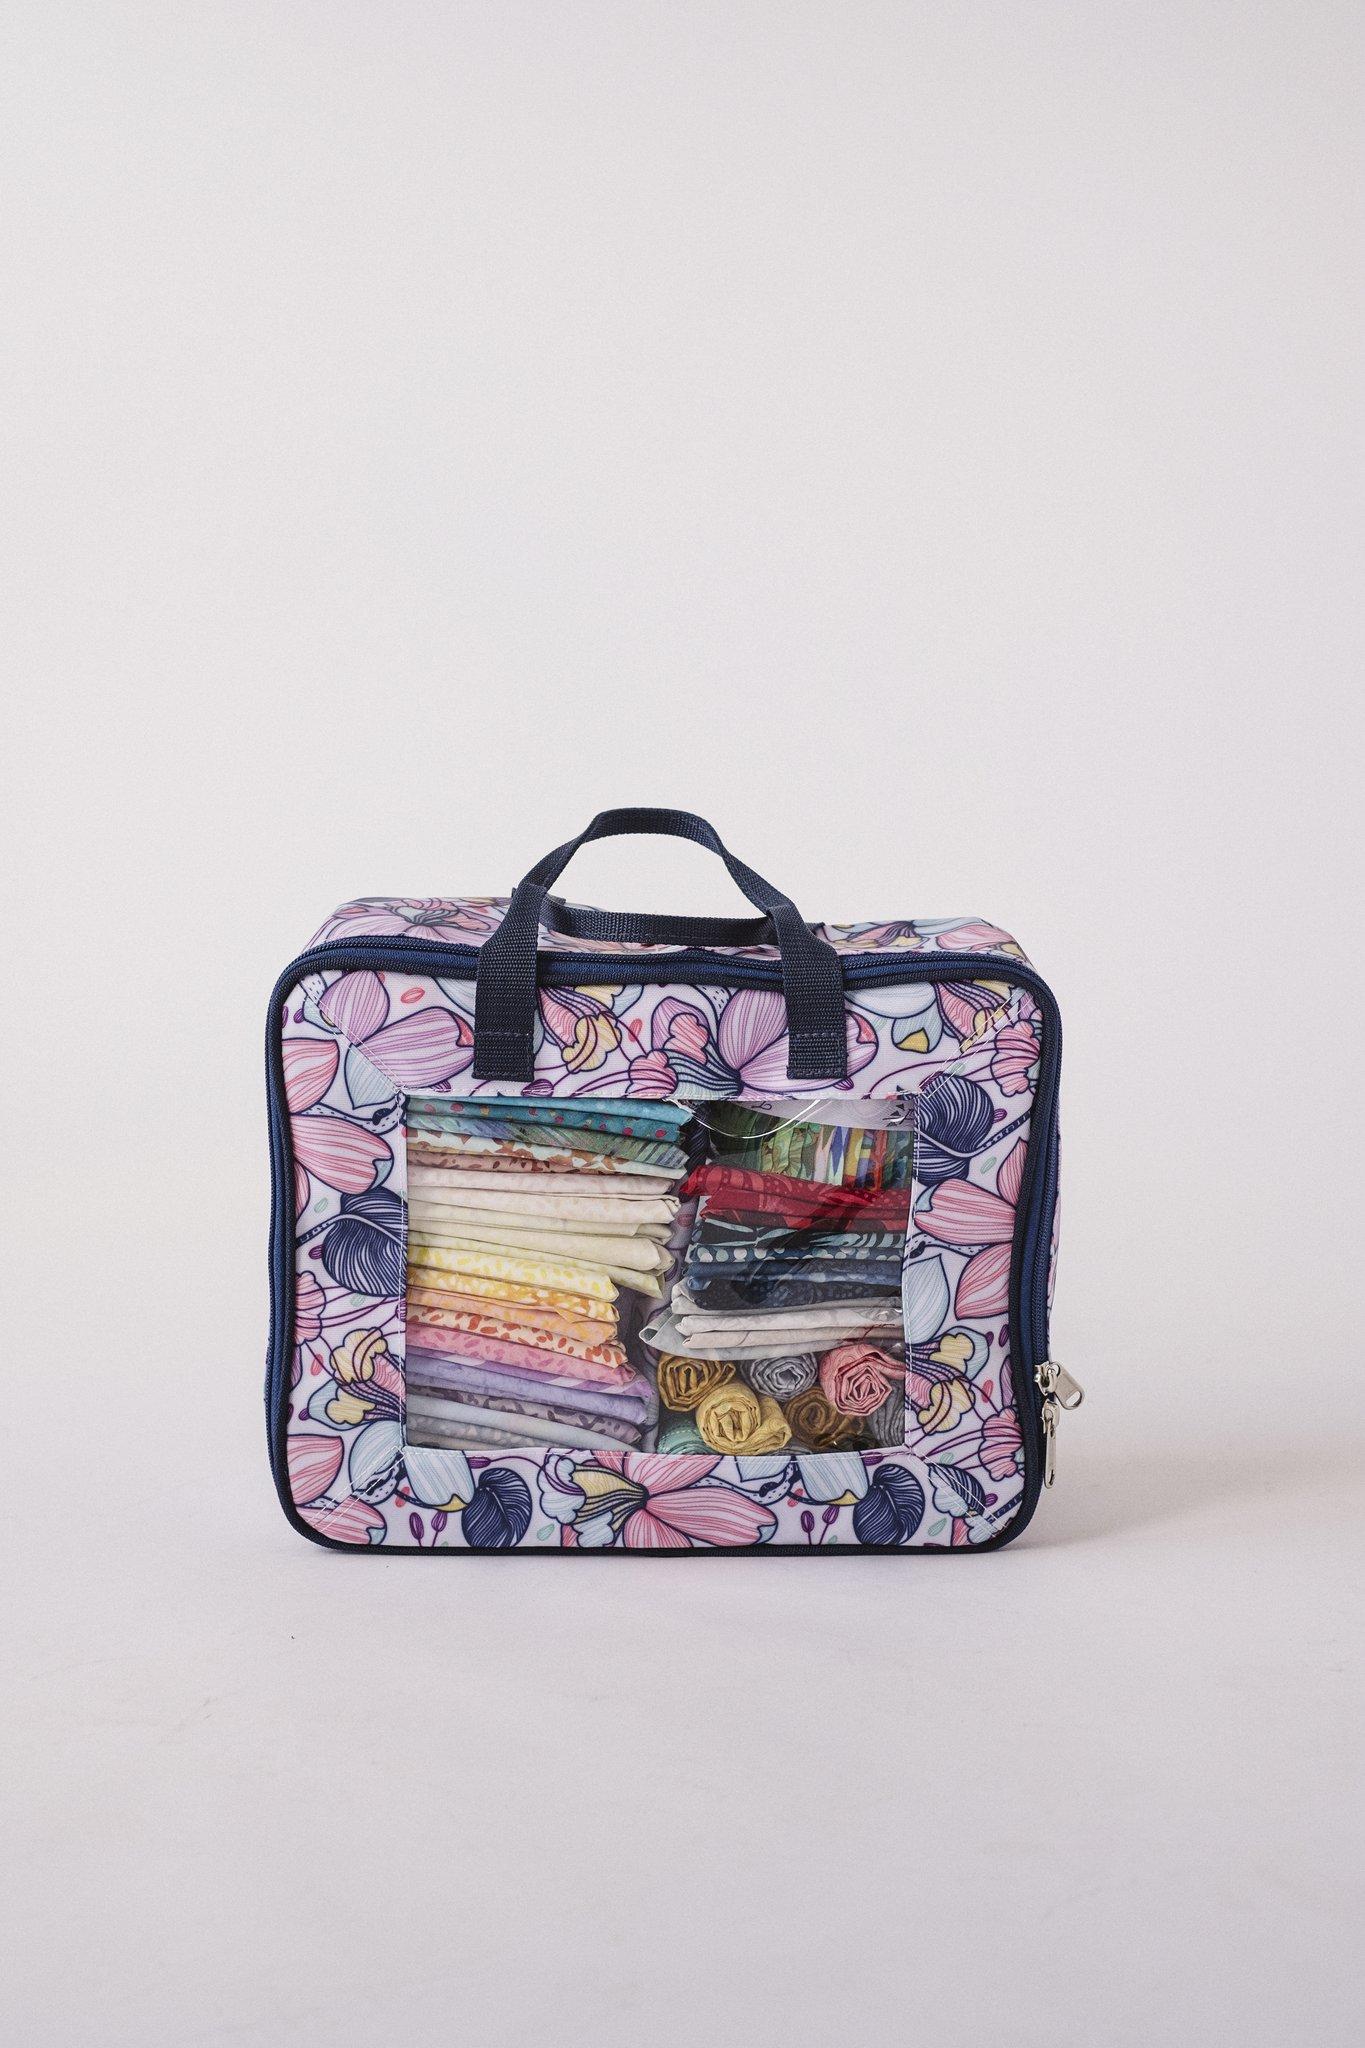 Bluefig Designer Series Fat Quarter Bag - Maisy